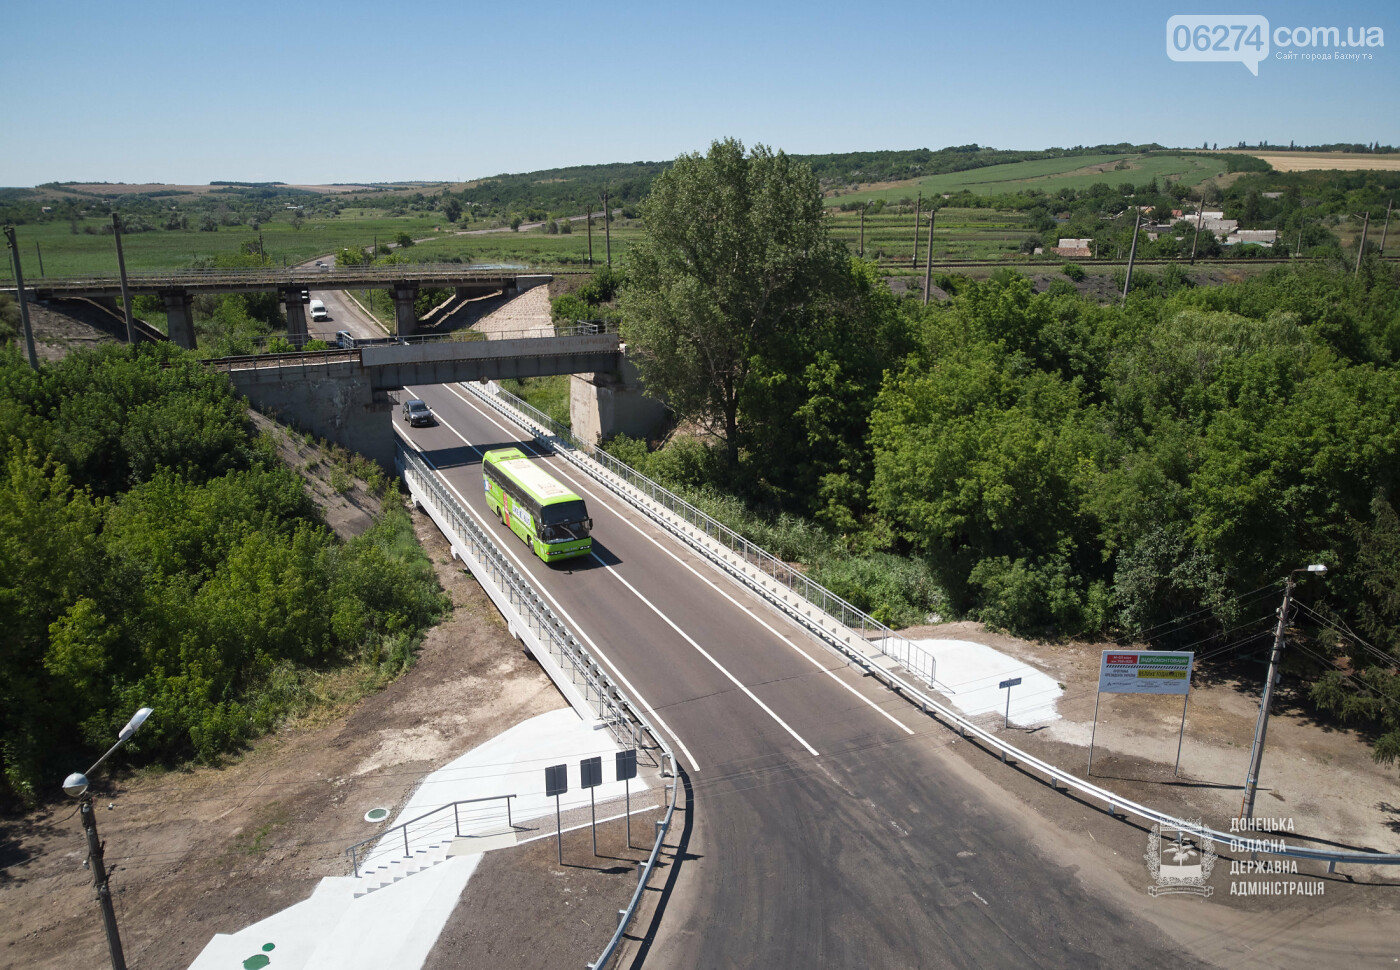 В Бахмутской ОТГ отремонтировано три моста с опережением графиков, фото-7